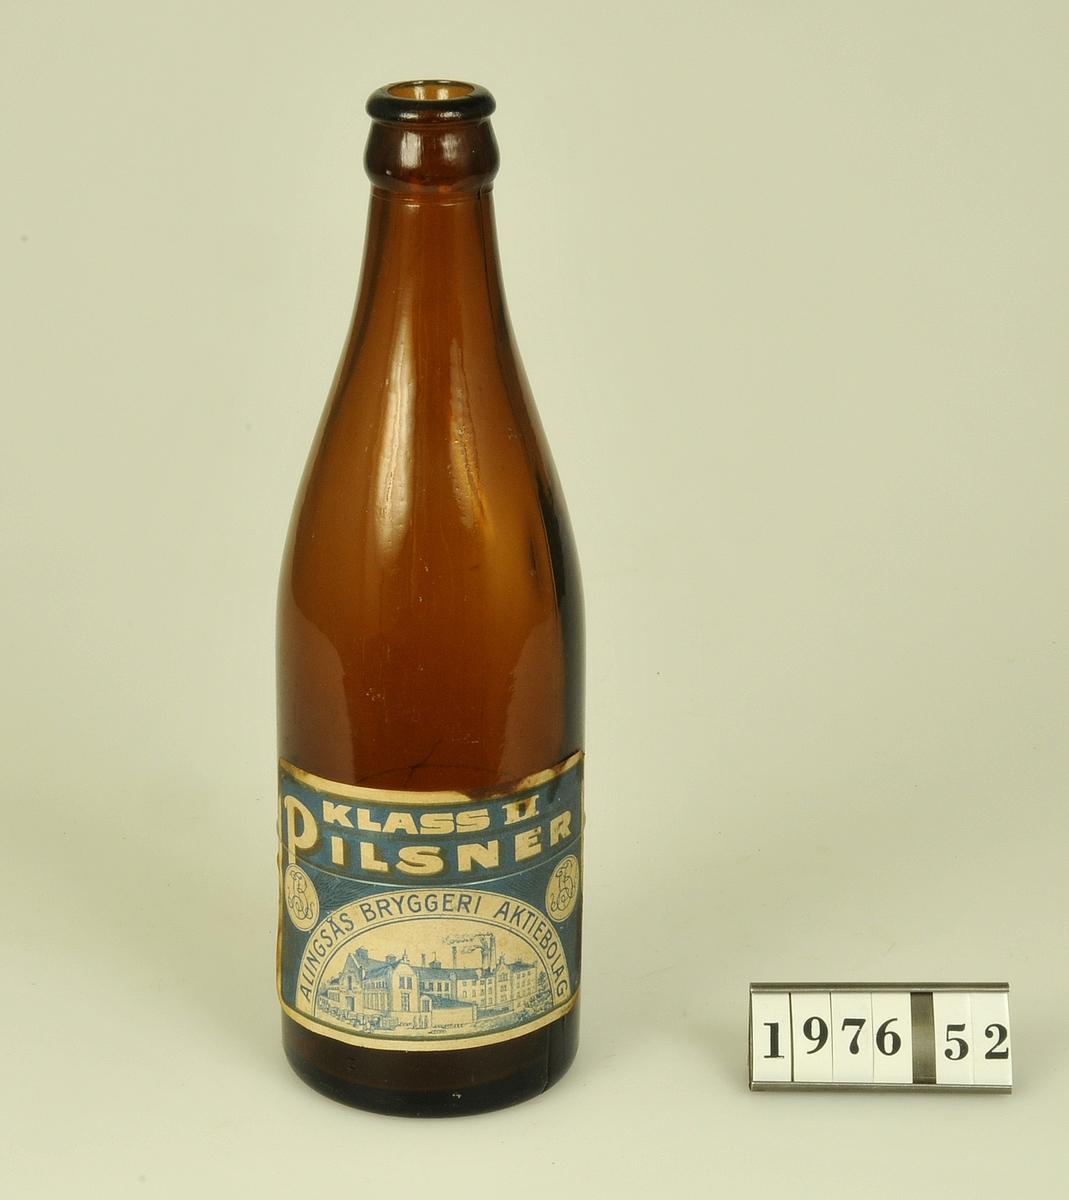 Pilsnerflaska av brunt glas med etikett.  Etikettens text: Klass 11 PILSNER ALINGSÅS BRYGGERI AKTIEBOLAG. Etikettens storlek: 9 x 6 cm. Vit text mot blå botten.